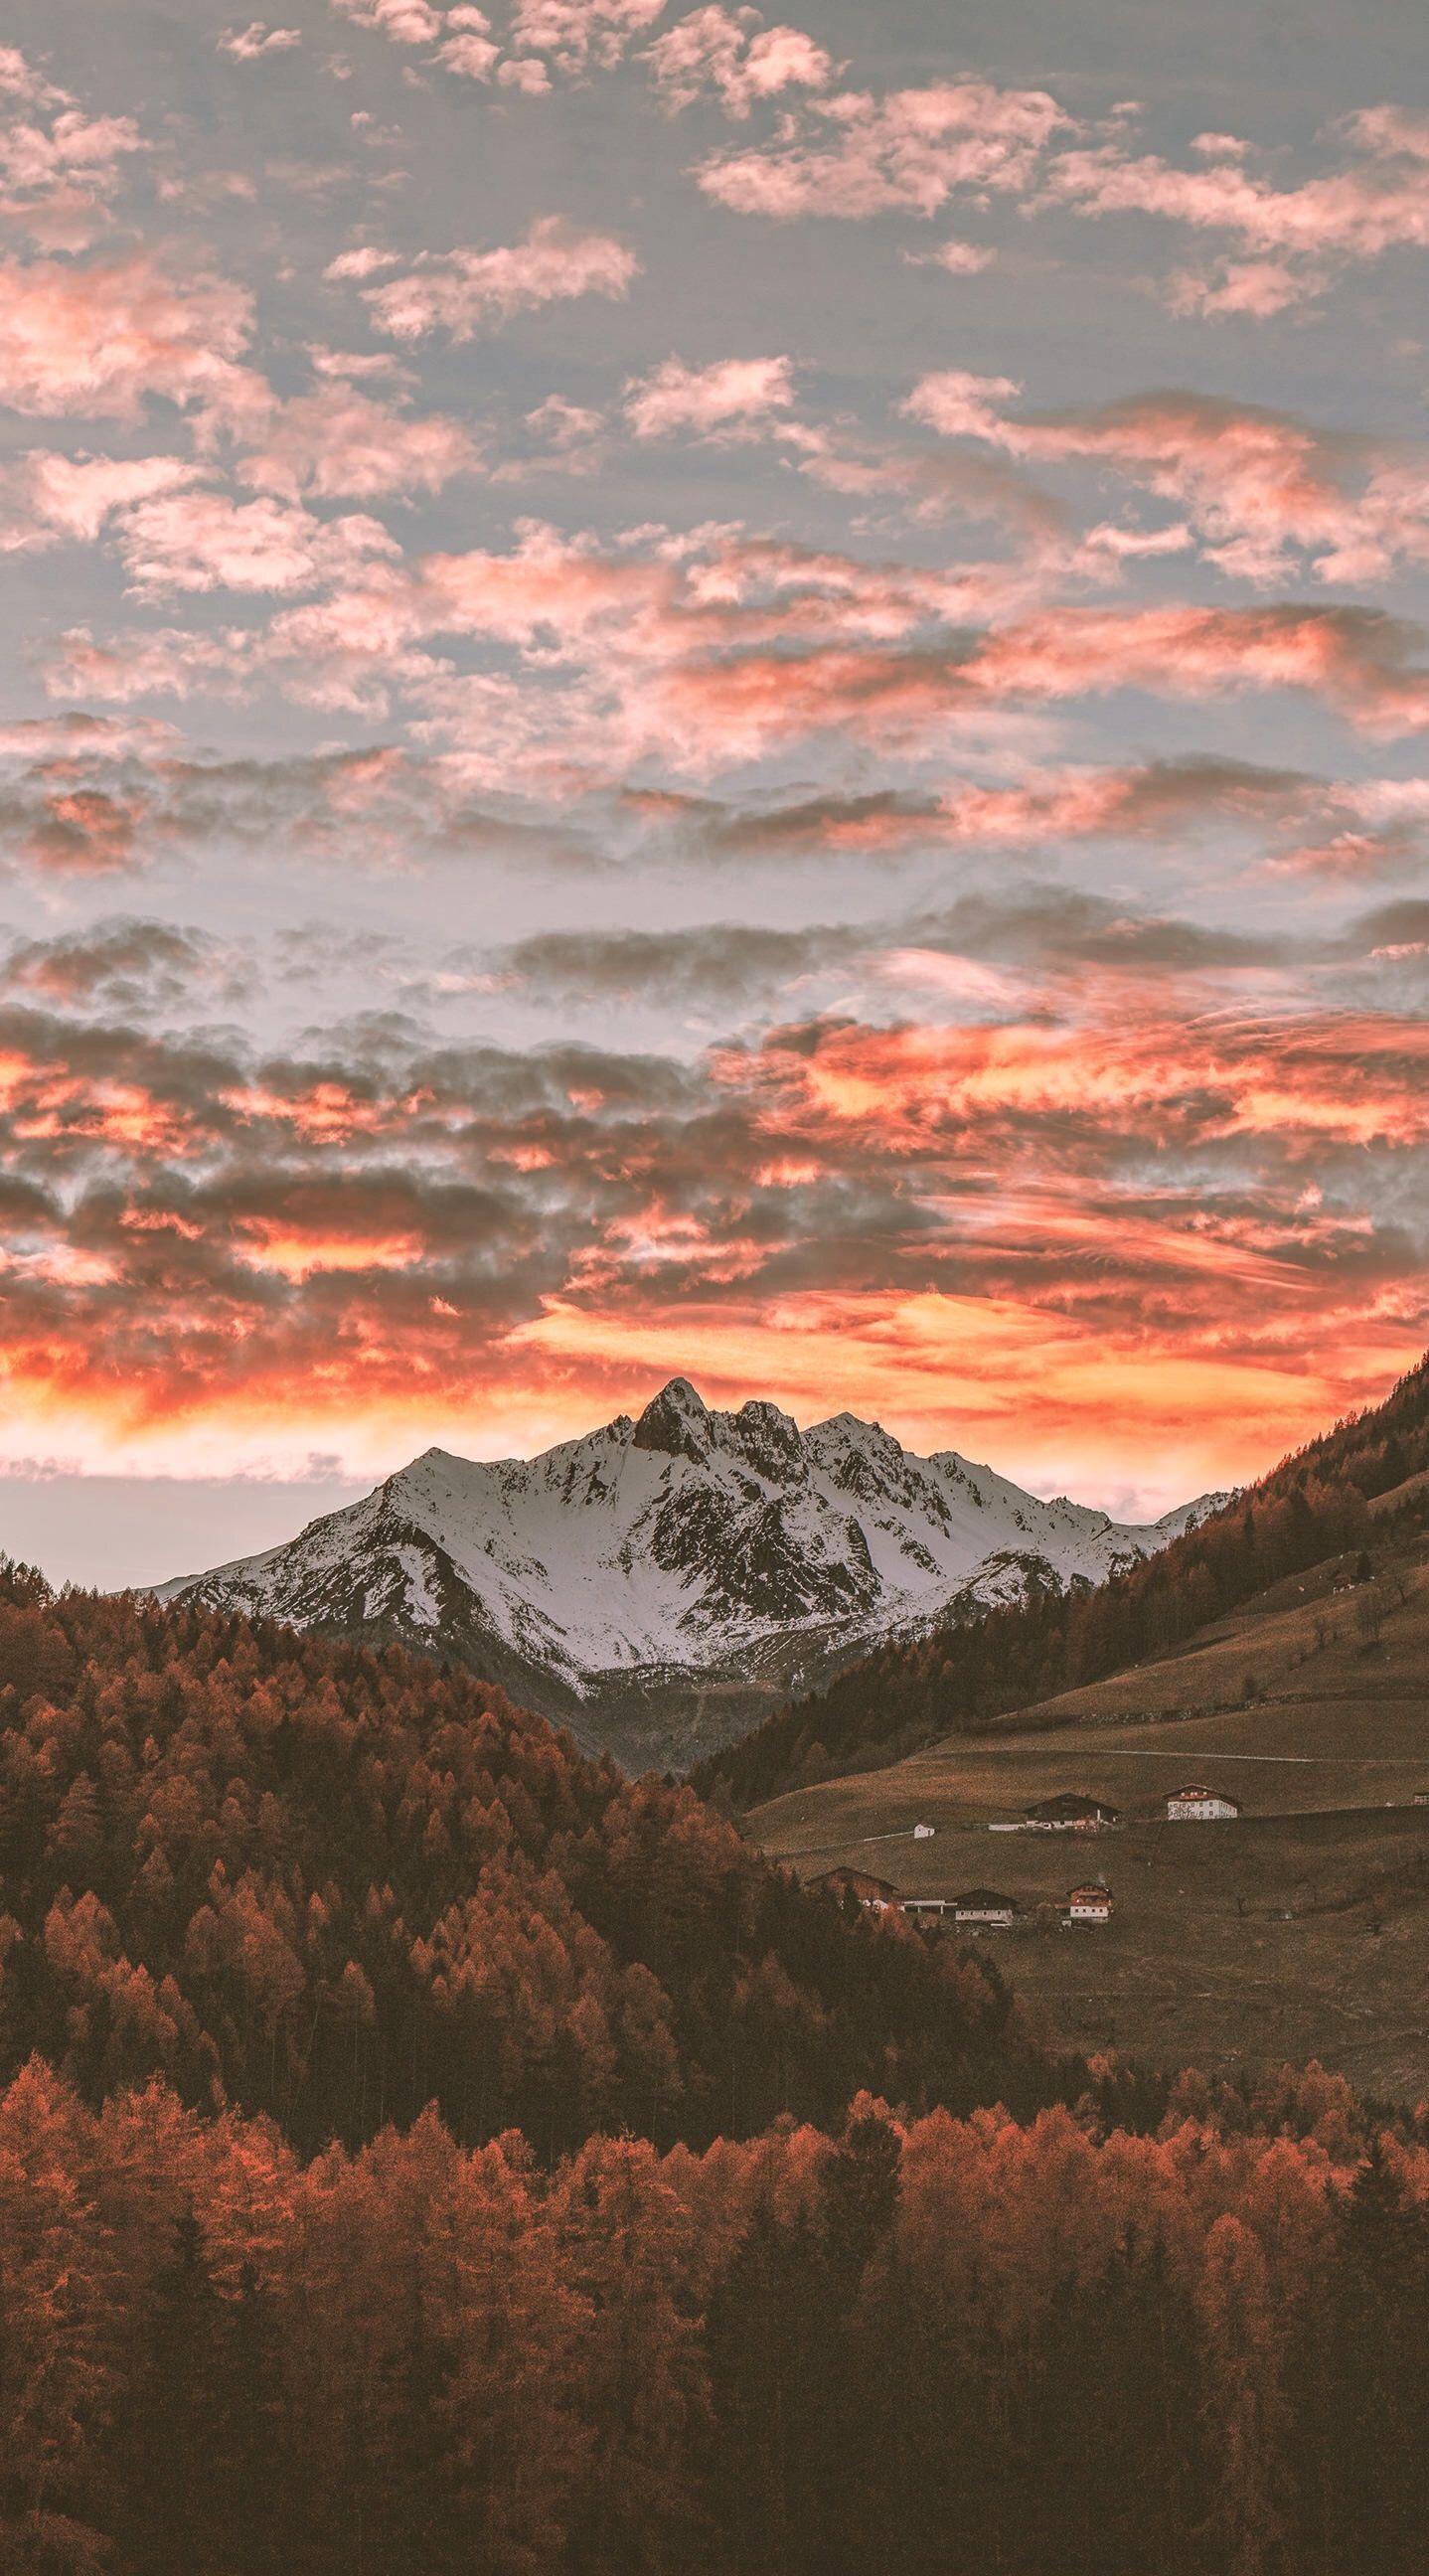 ปักพินโดย noinoix2 ใน Scenery & Landscape การถ่ายภาพ